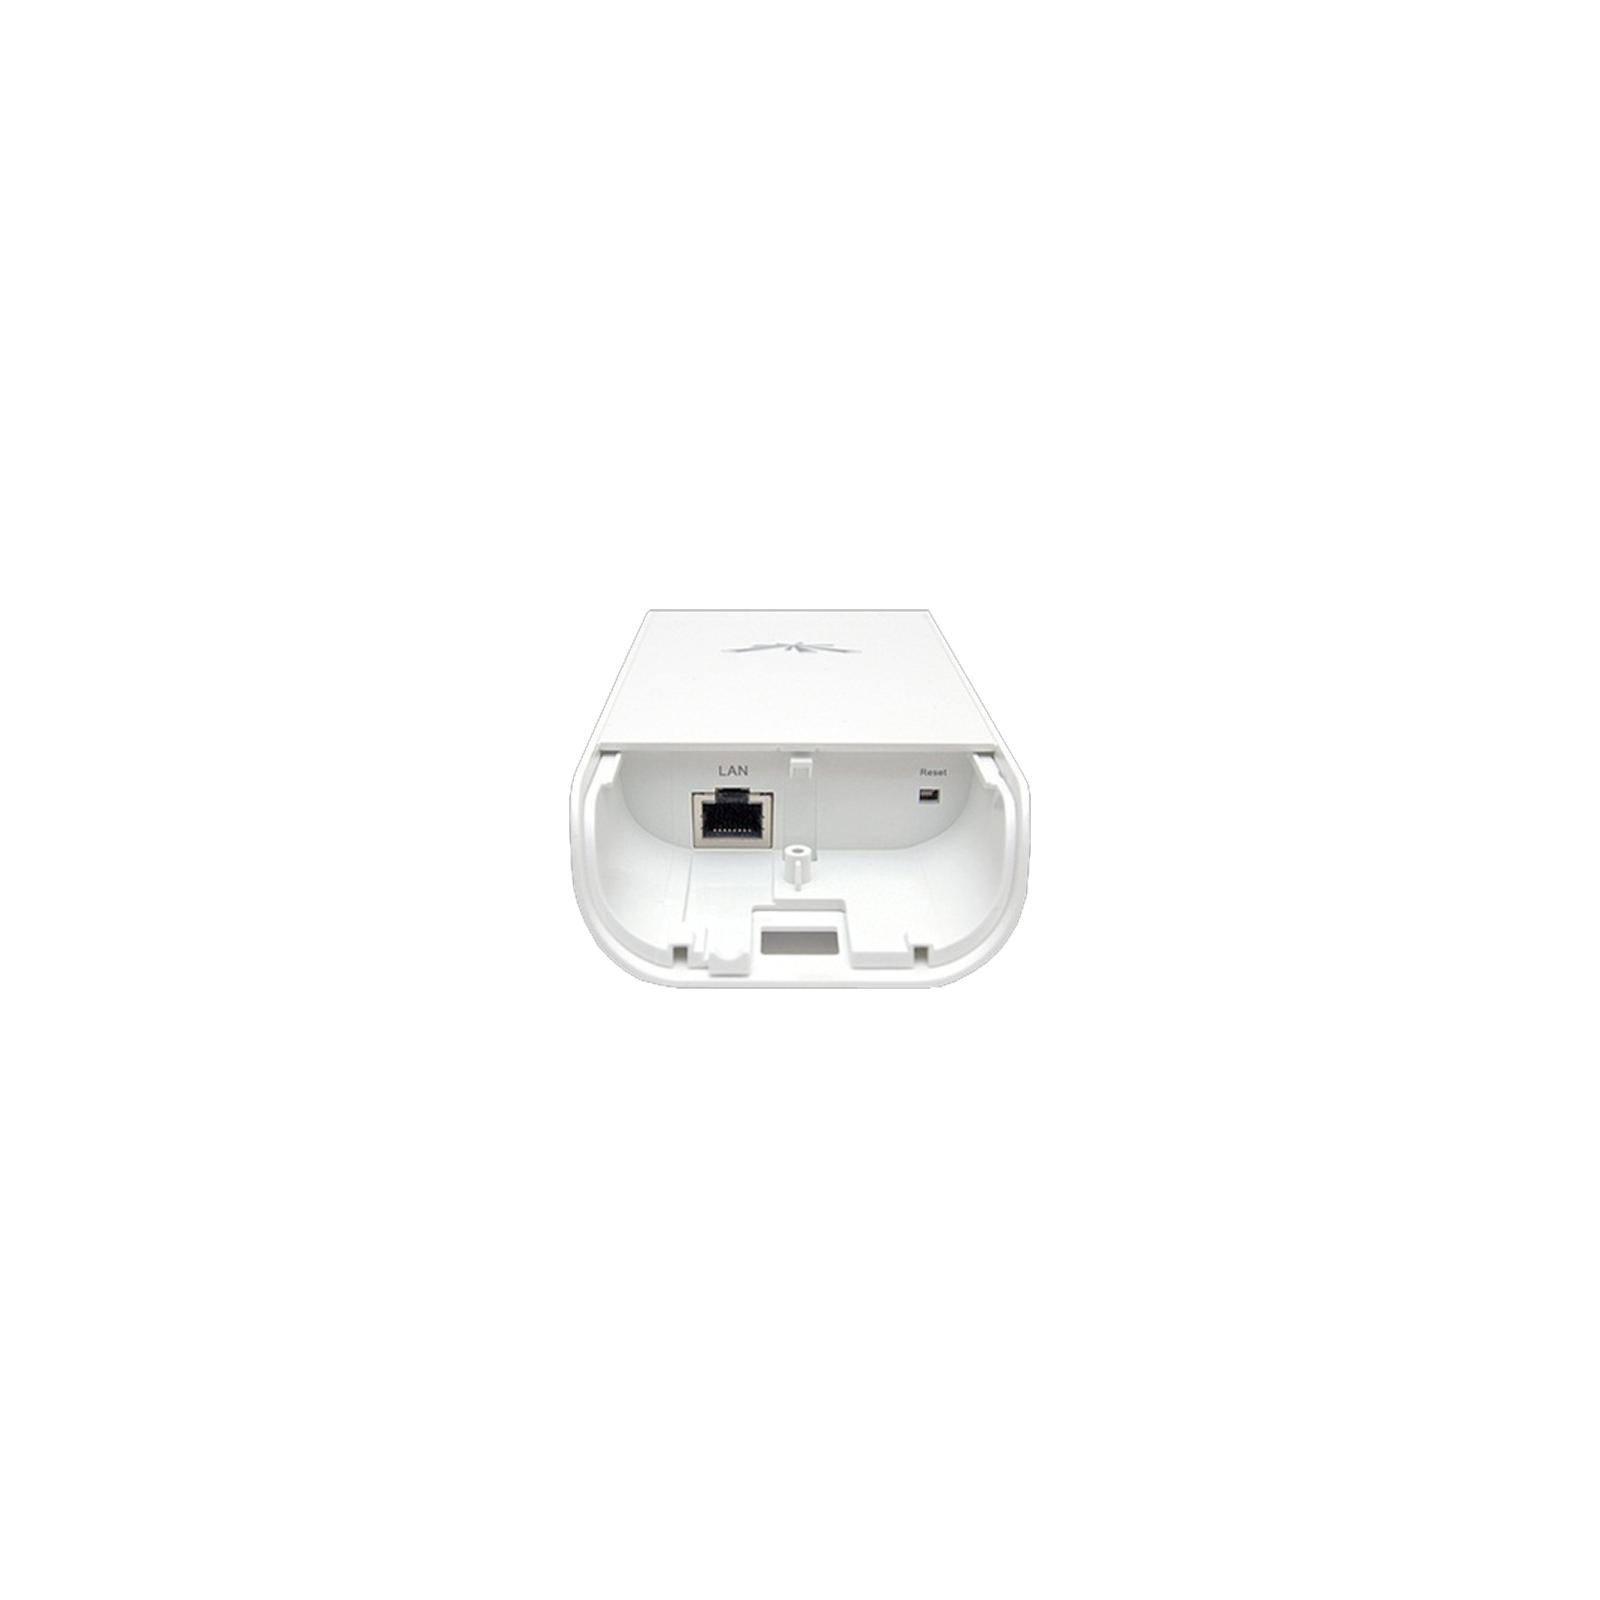 Точка доступа Wi-Fi Ubiquiti LOCO M5 изображение 5